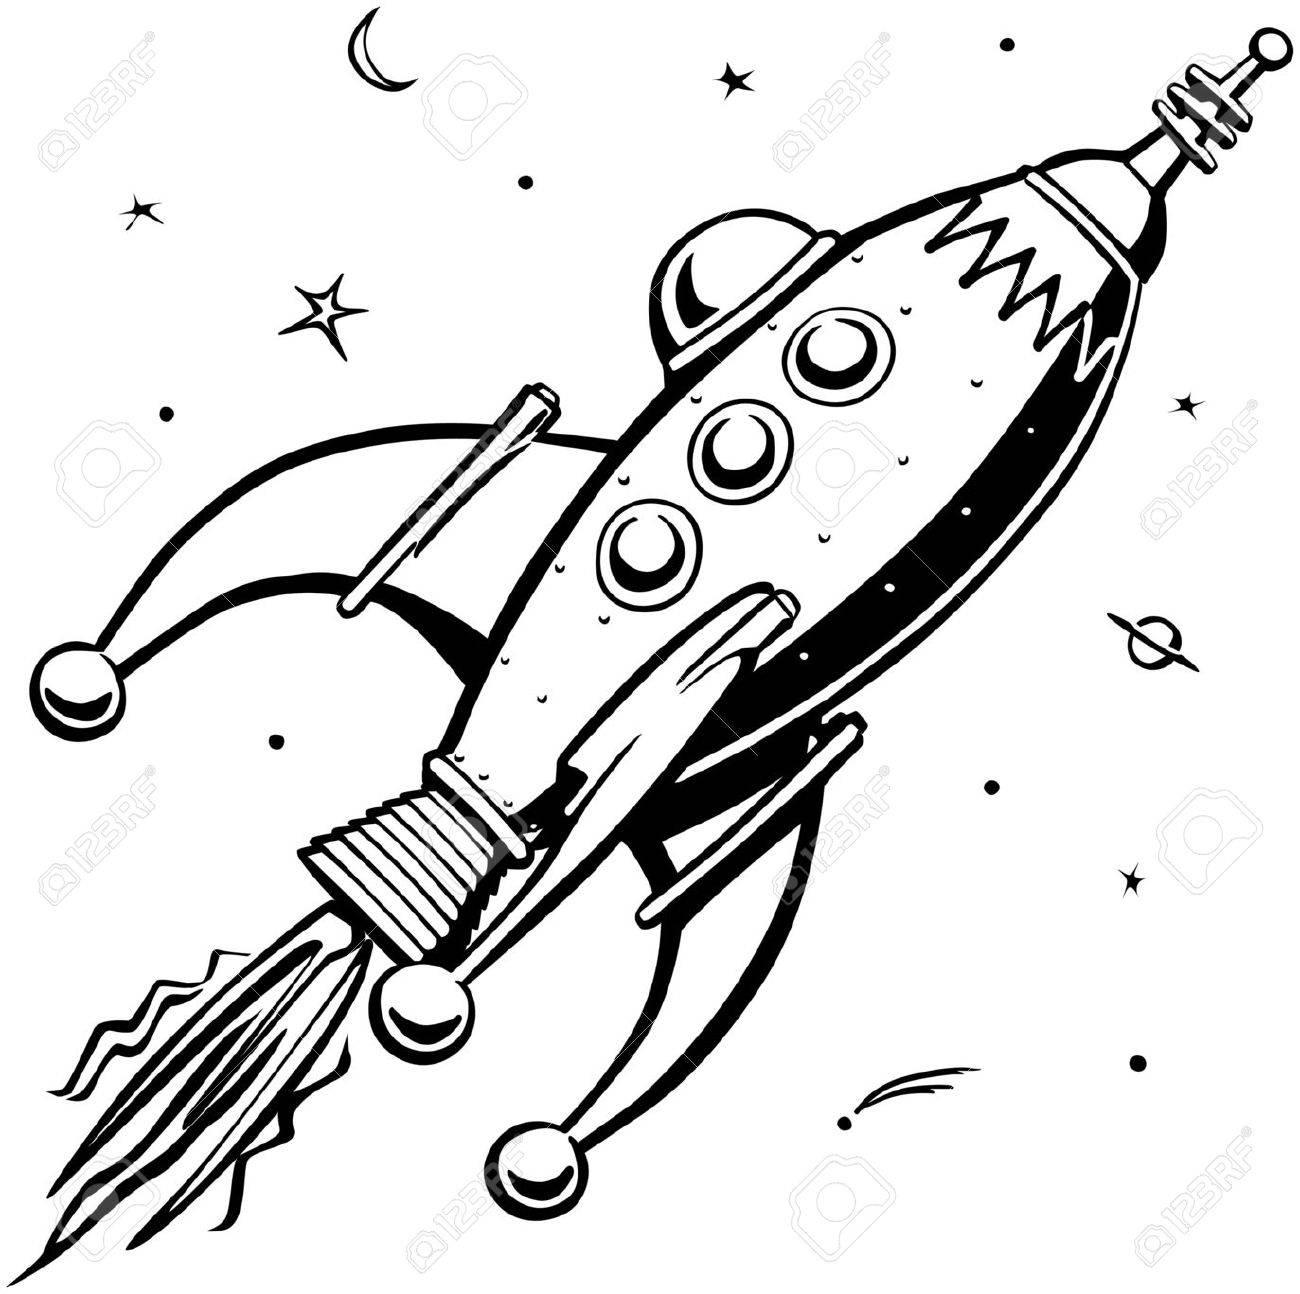 Retro Rocketship - 28344696